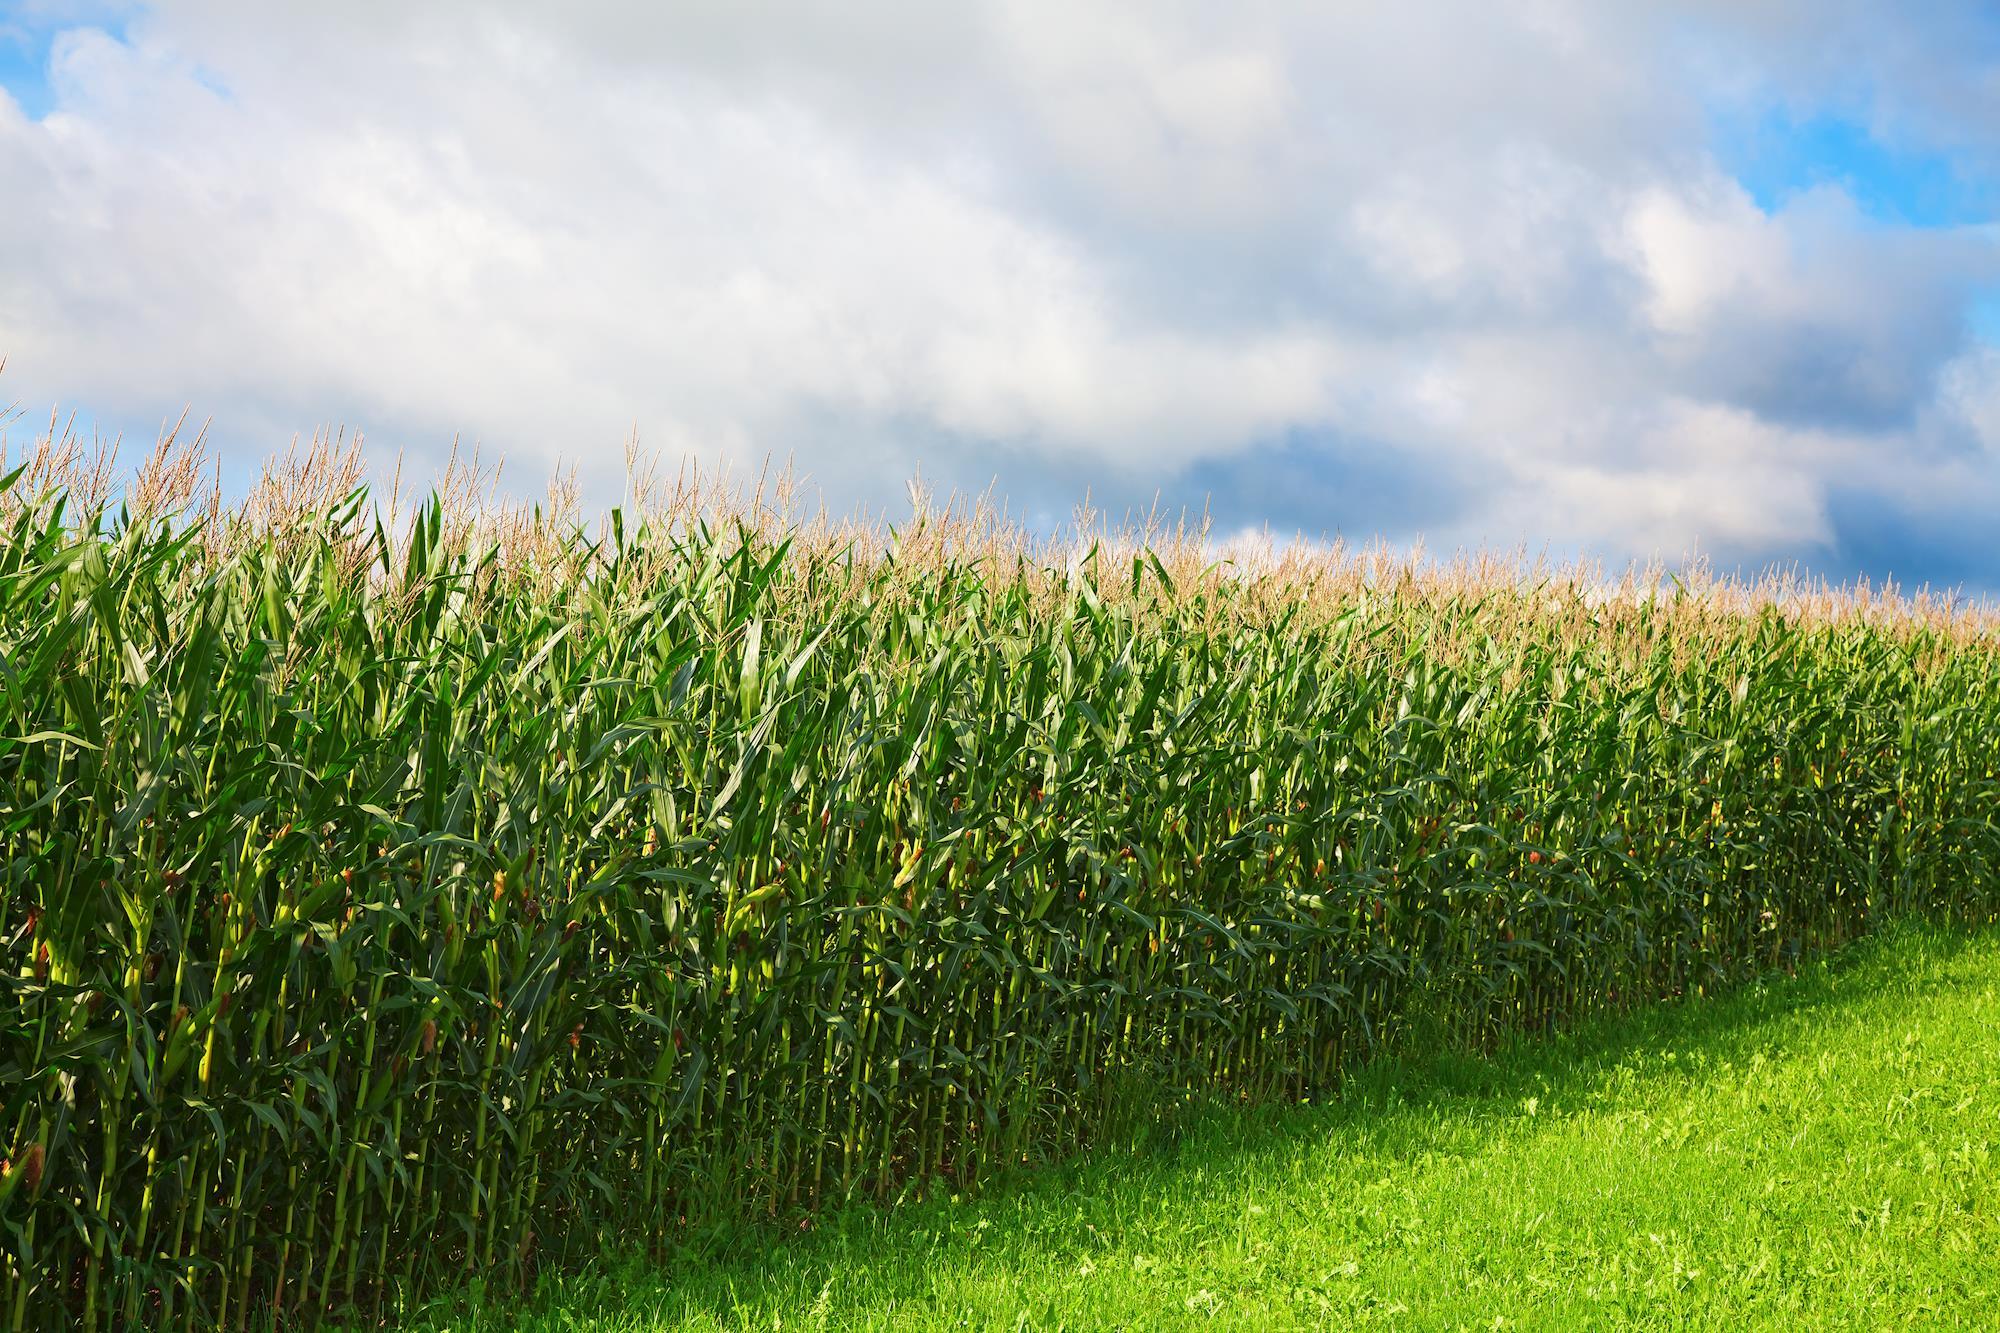 Com investimento de R$ 1 bilhão, MT terá nova usina de etanol de milho